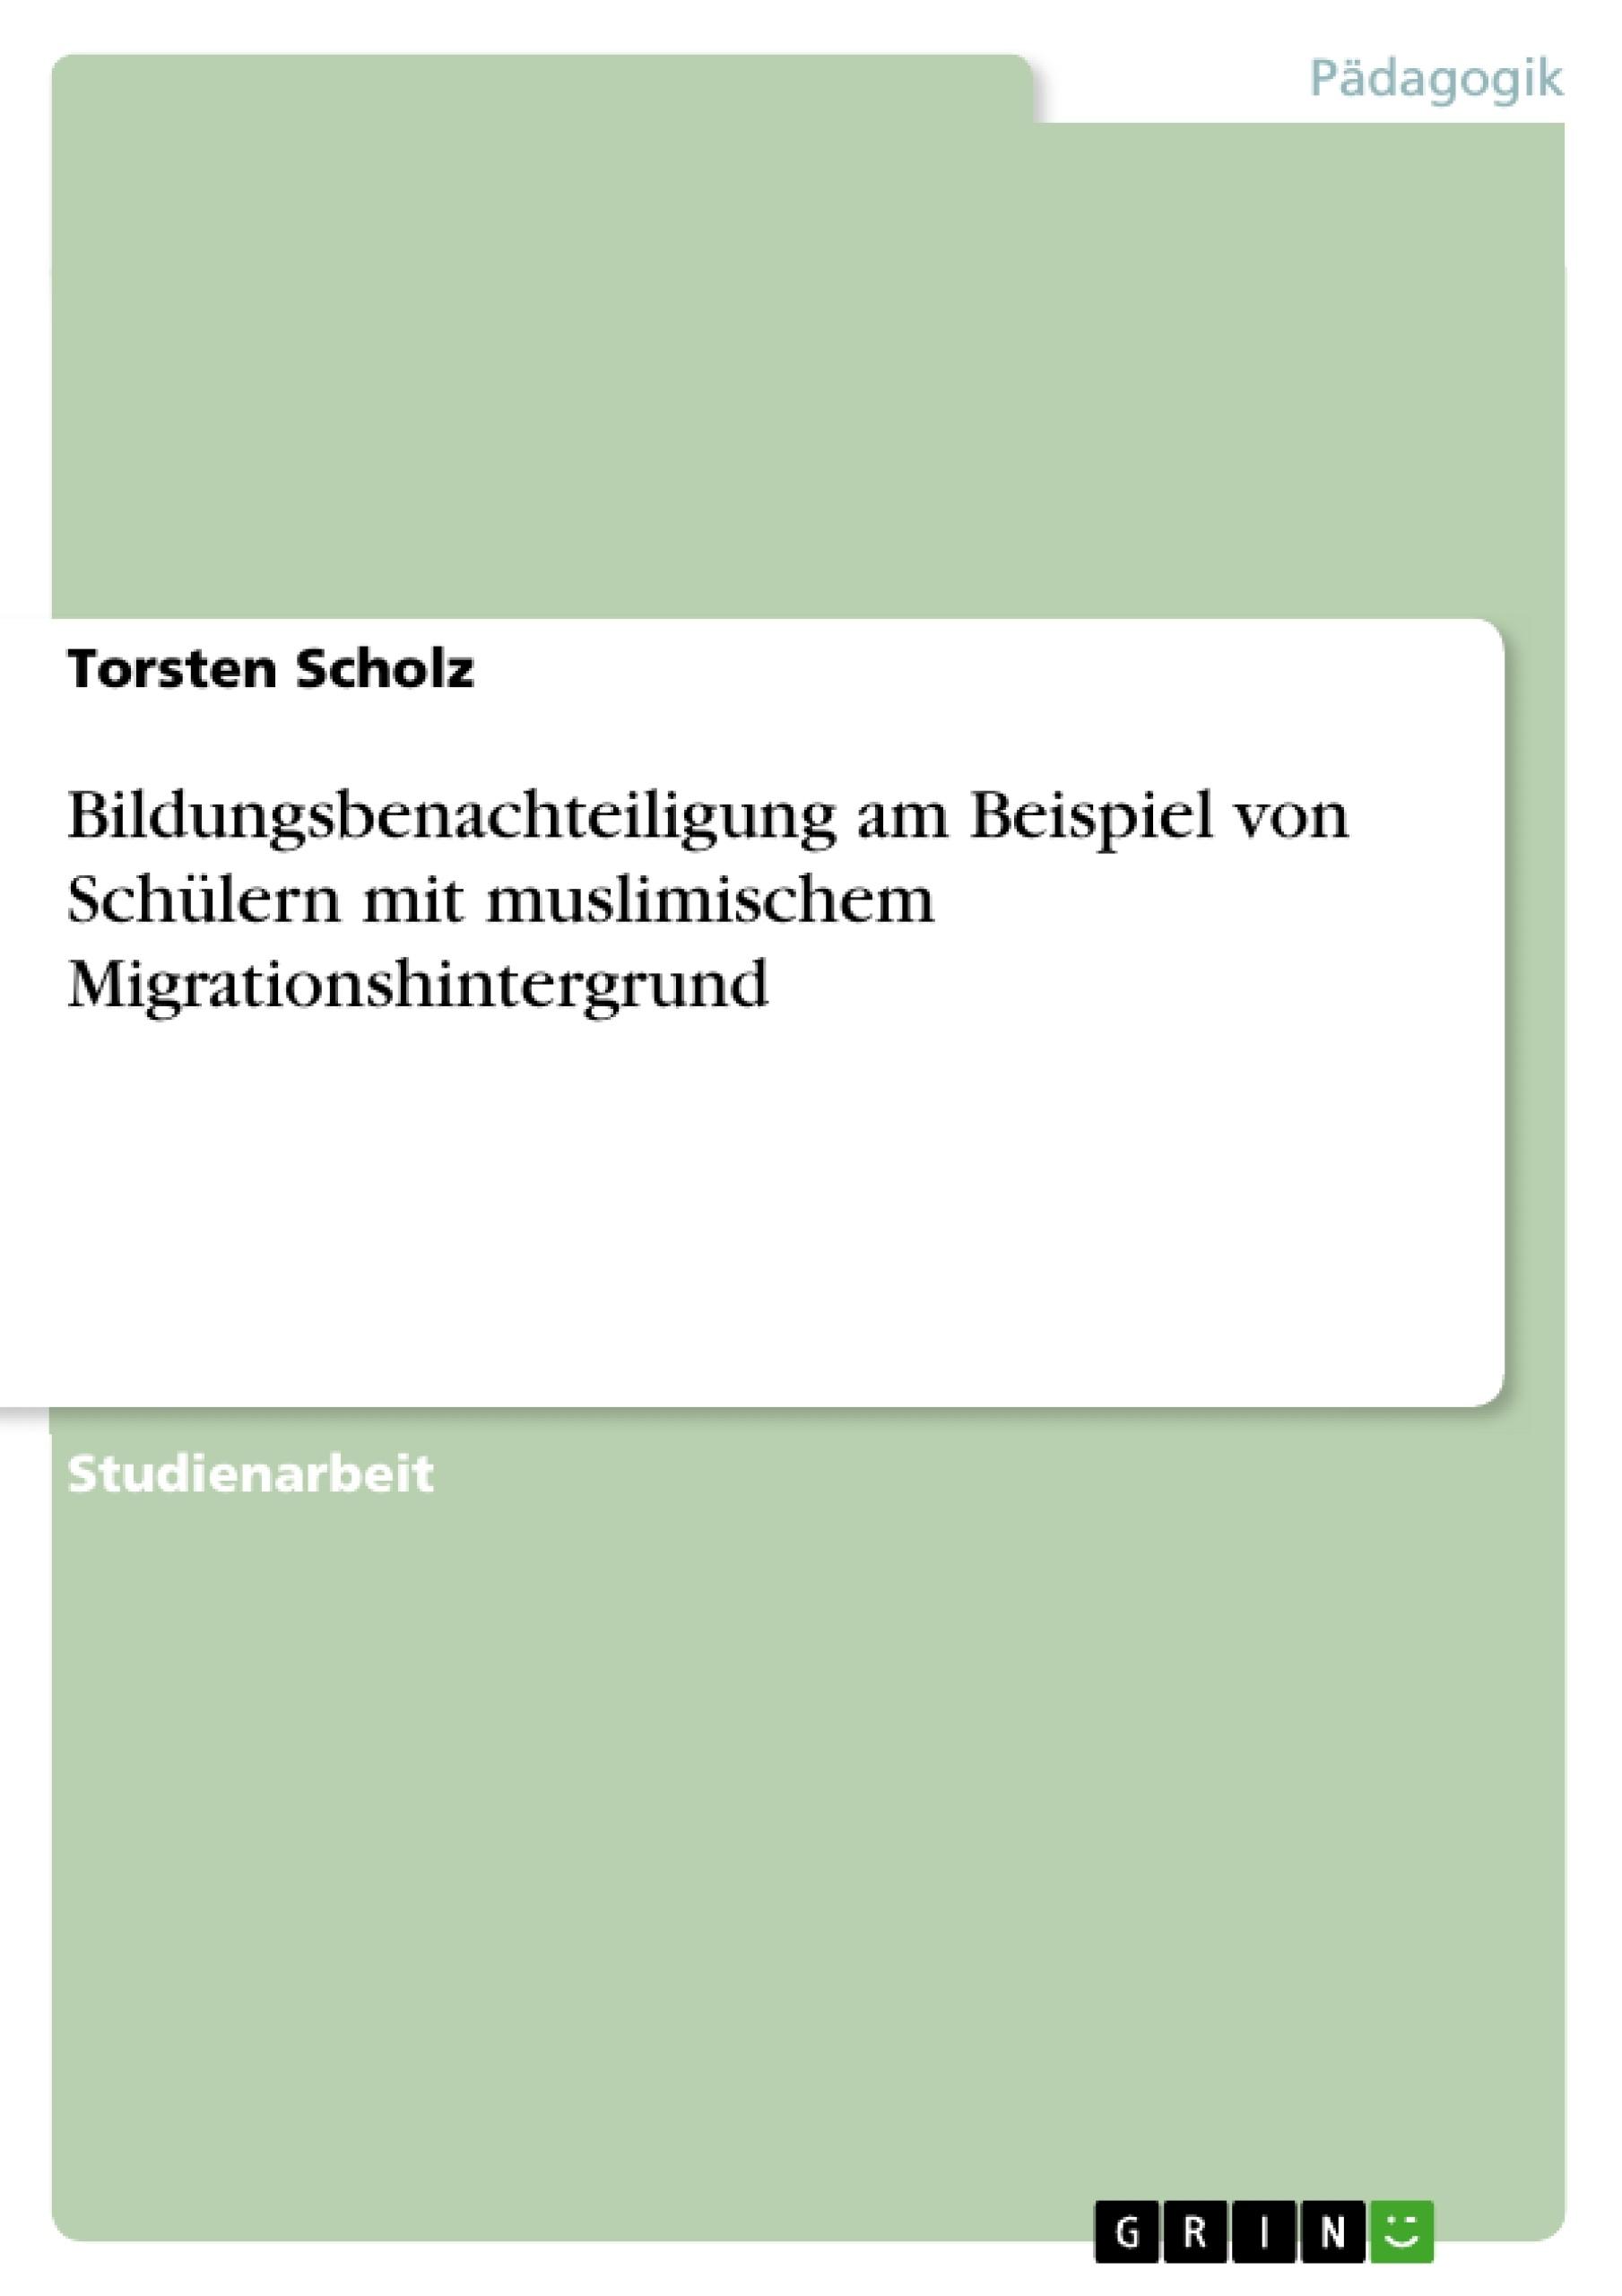 Titel: Bildungsbenachteiligung am Beispiel von Schülern mit muslimischem Migrationshintergrund